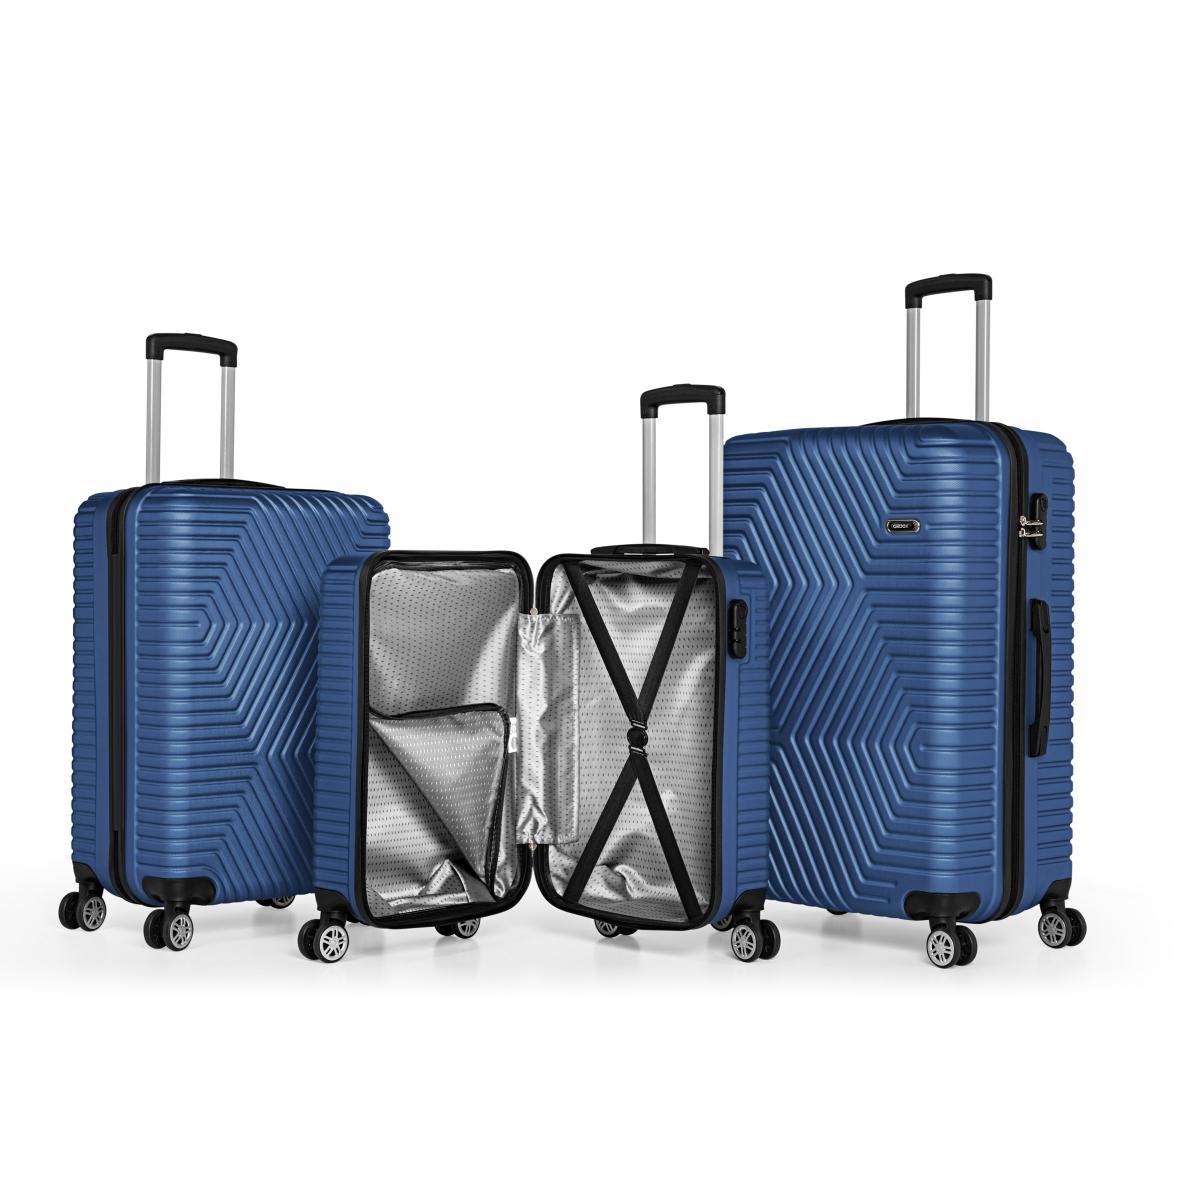 G&D Polo Suitcase ABS 3'lü Lüx Valiz Seyahat Seti - Model:600.05 Çivit Mavi